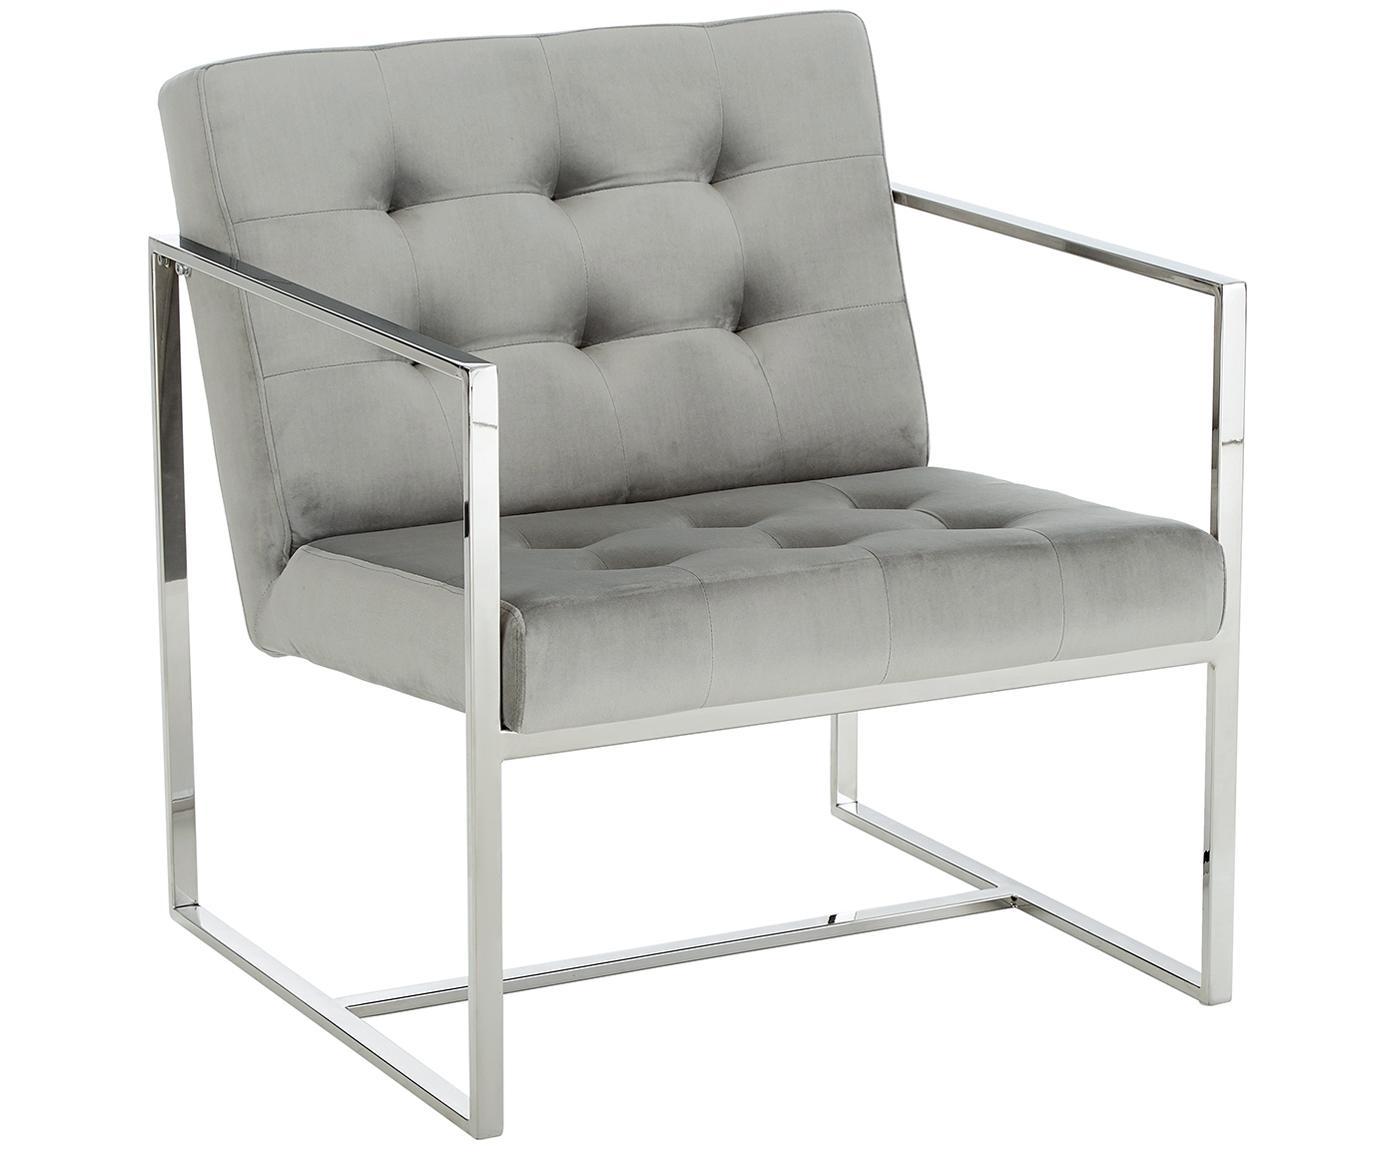 Fluwelen lounge fauteuil Manhattan in grijs, Bekleding: fluweel (polyester), Frame: gegalvaniseerd metaal, Bekleding: grijs Frame: glanzend zilverkleurig, 70 x 72 cm